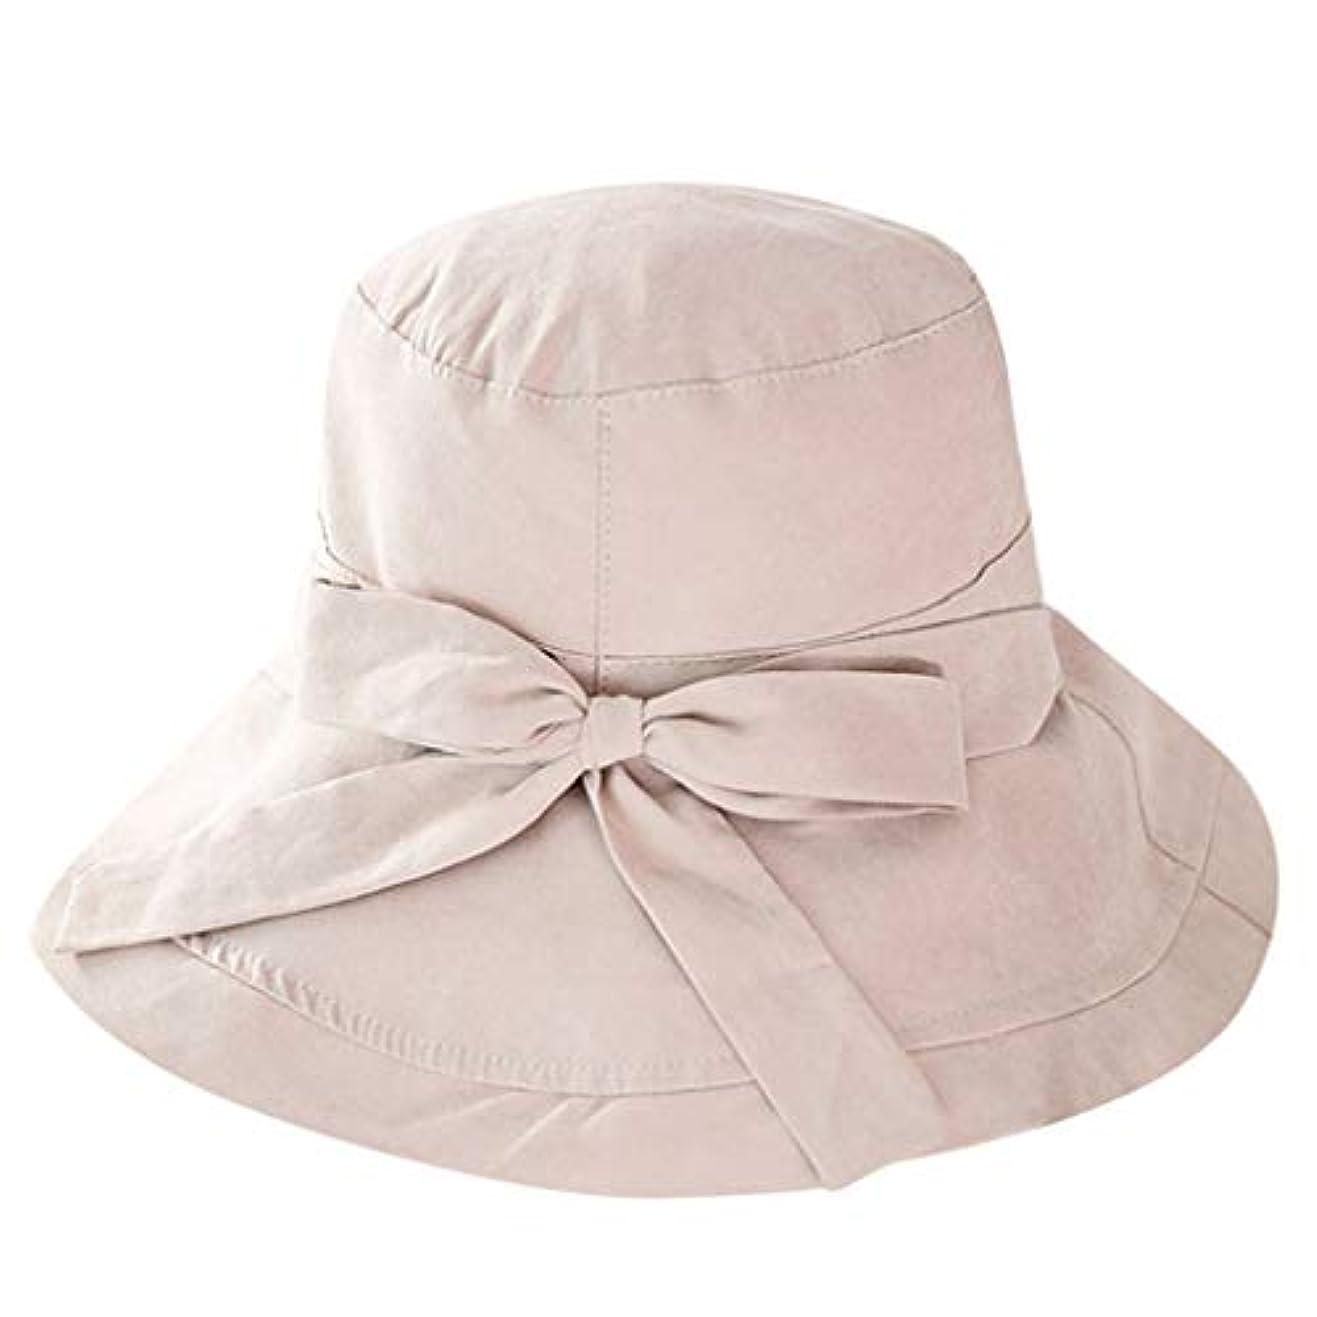 ラジウム予測うめき帽子 レディース 夏 綿 つば広い おしゃれ シンプル カジュアル UVカット 帽子 ハット レディース おしゃれ 可愛い 夏 小顔効果 折りたたみ サイズ調節可 蝶結び 森ガール オールシーズン ROSE ROMAN